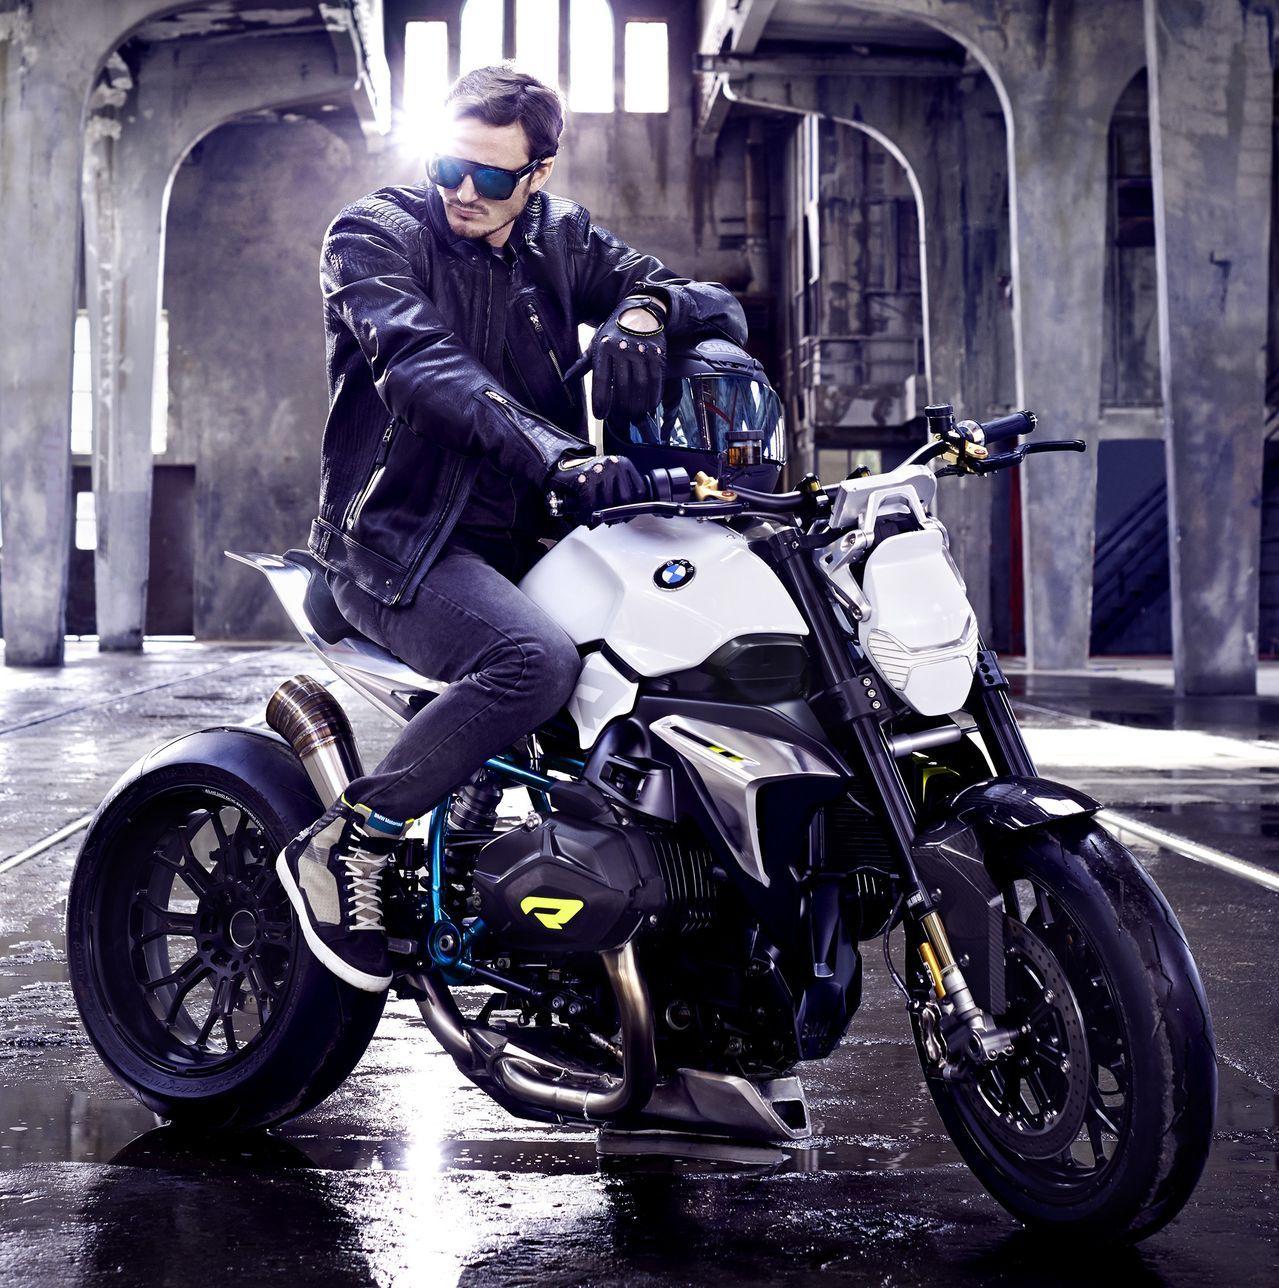 что фото на мотоцикле бмв в селе простого учителя его